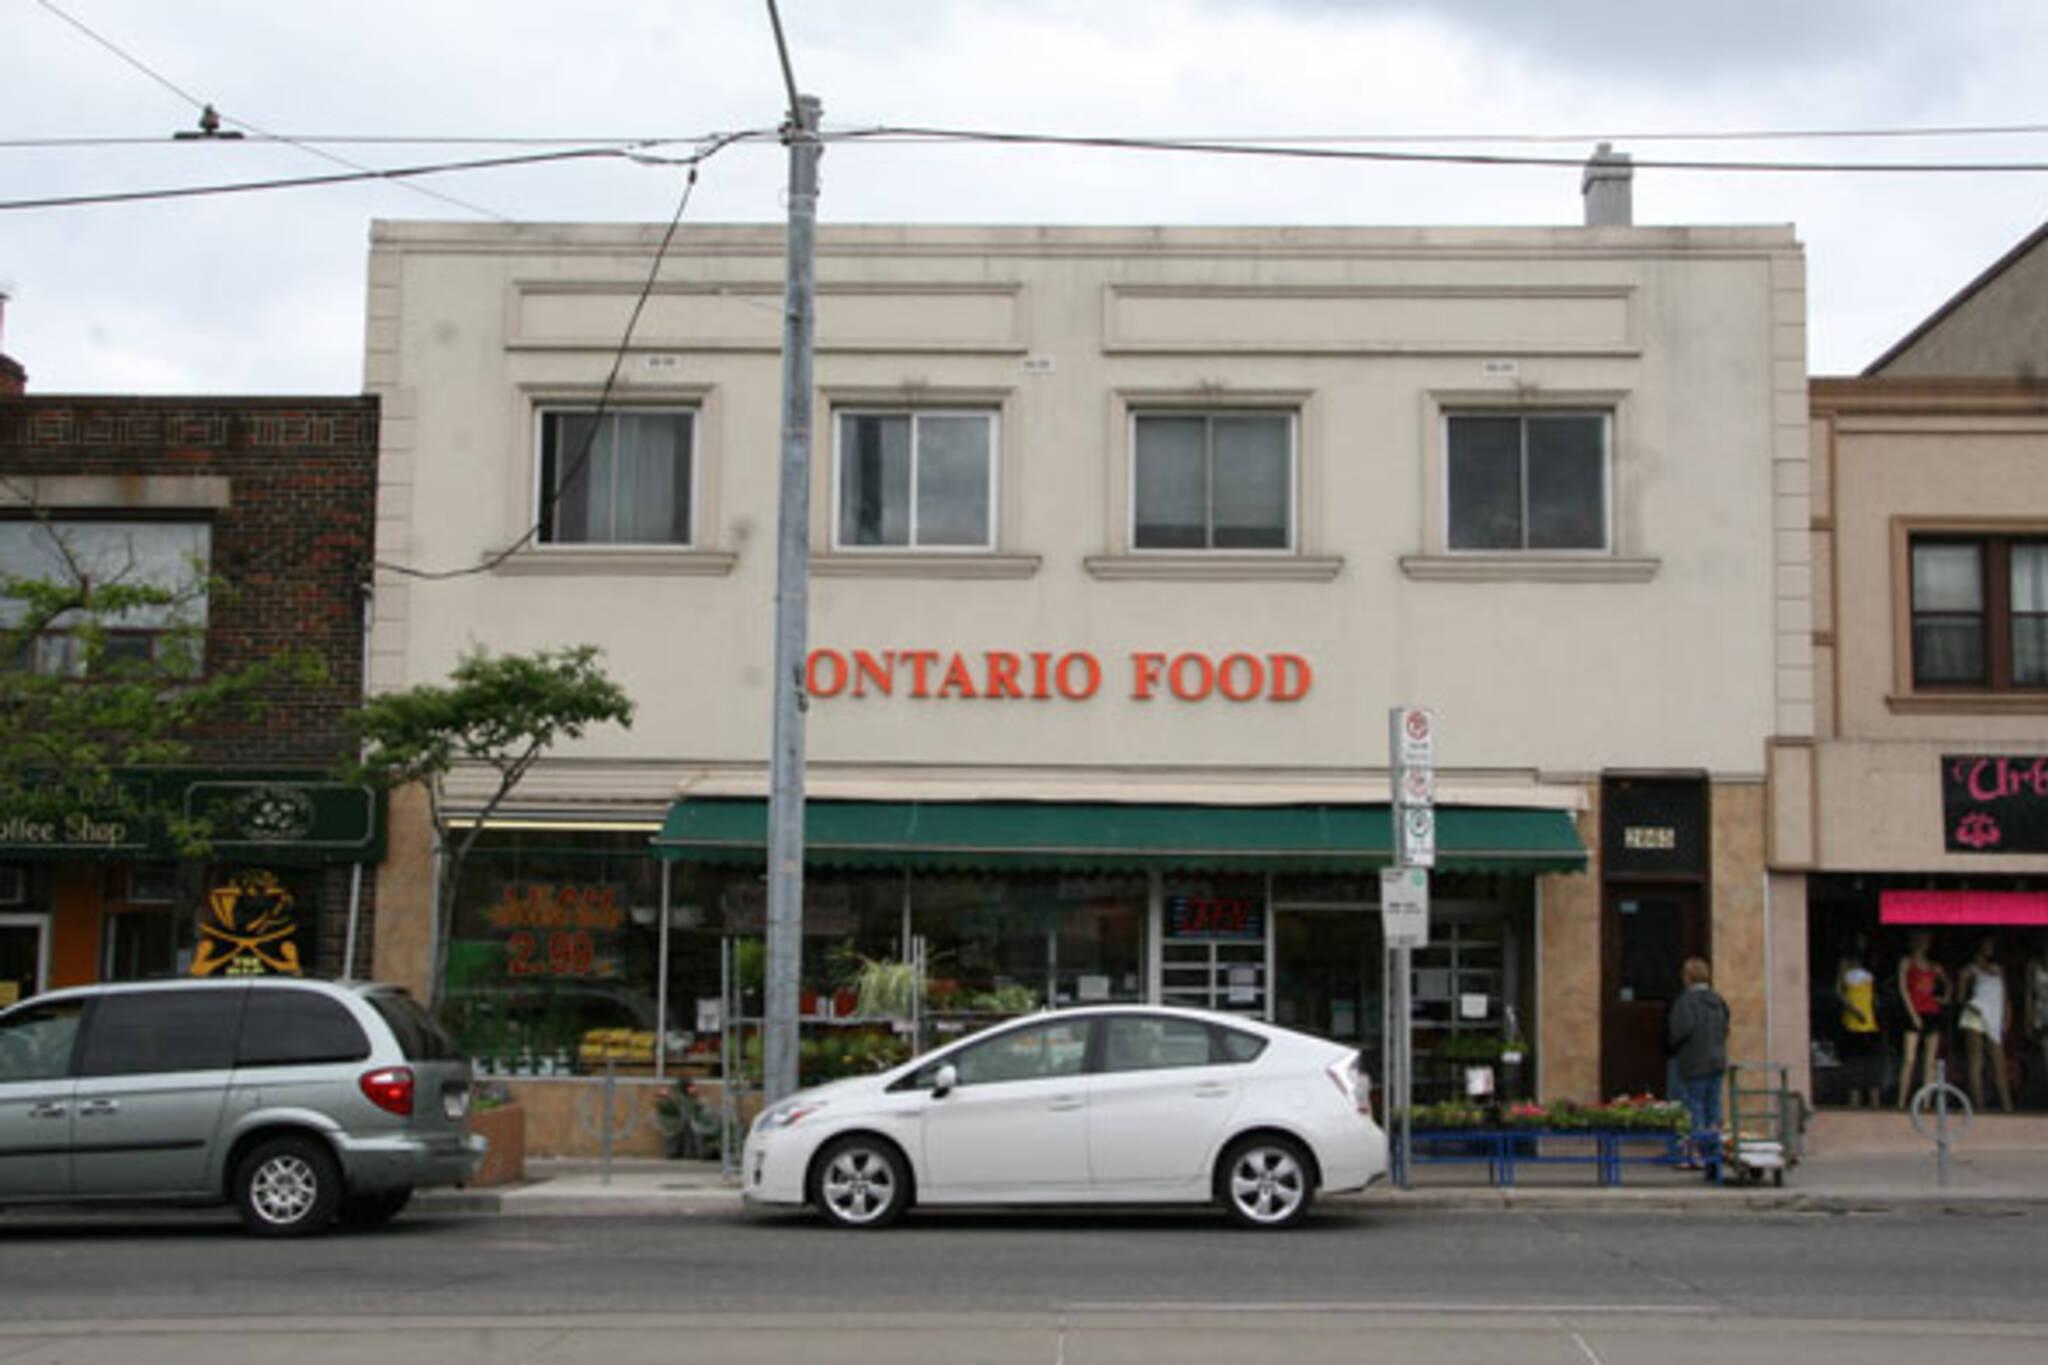 Ontario Food Toronto